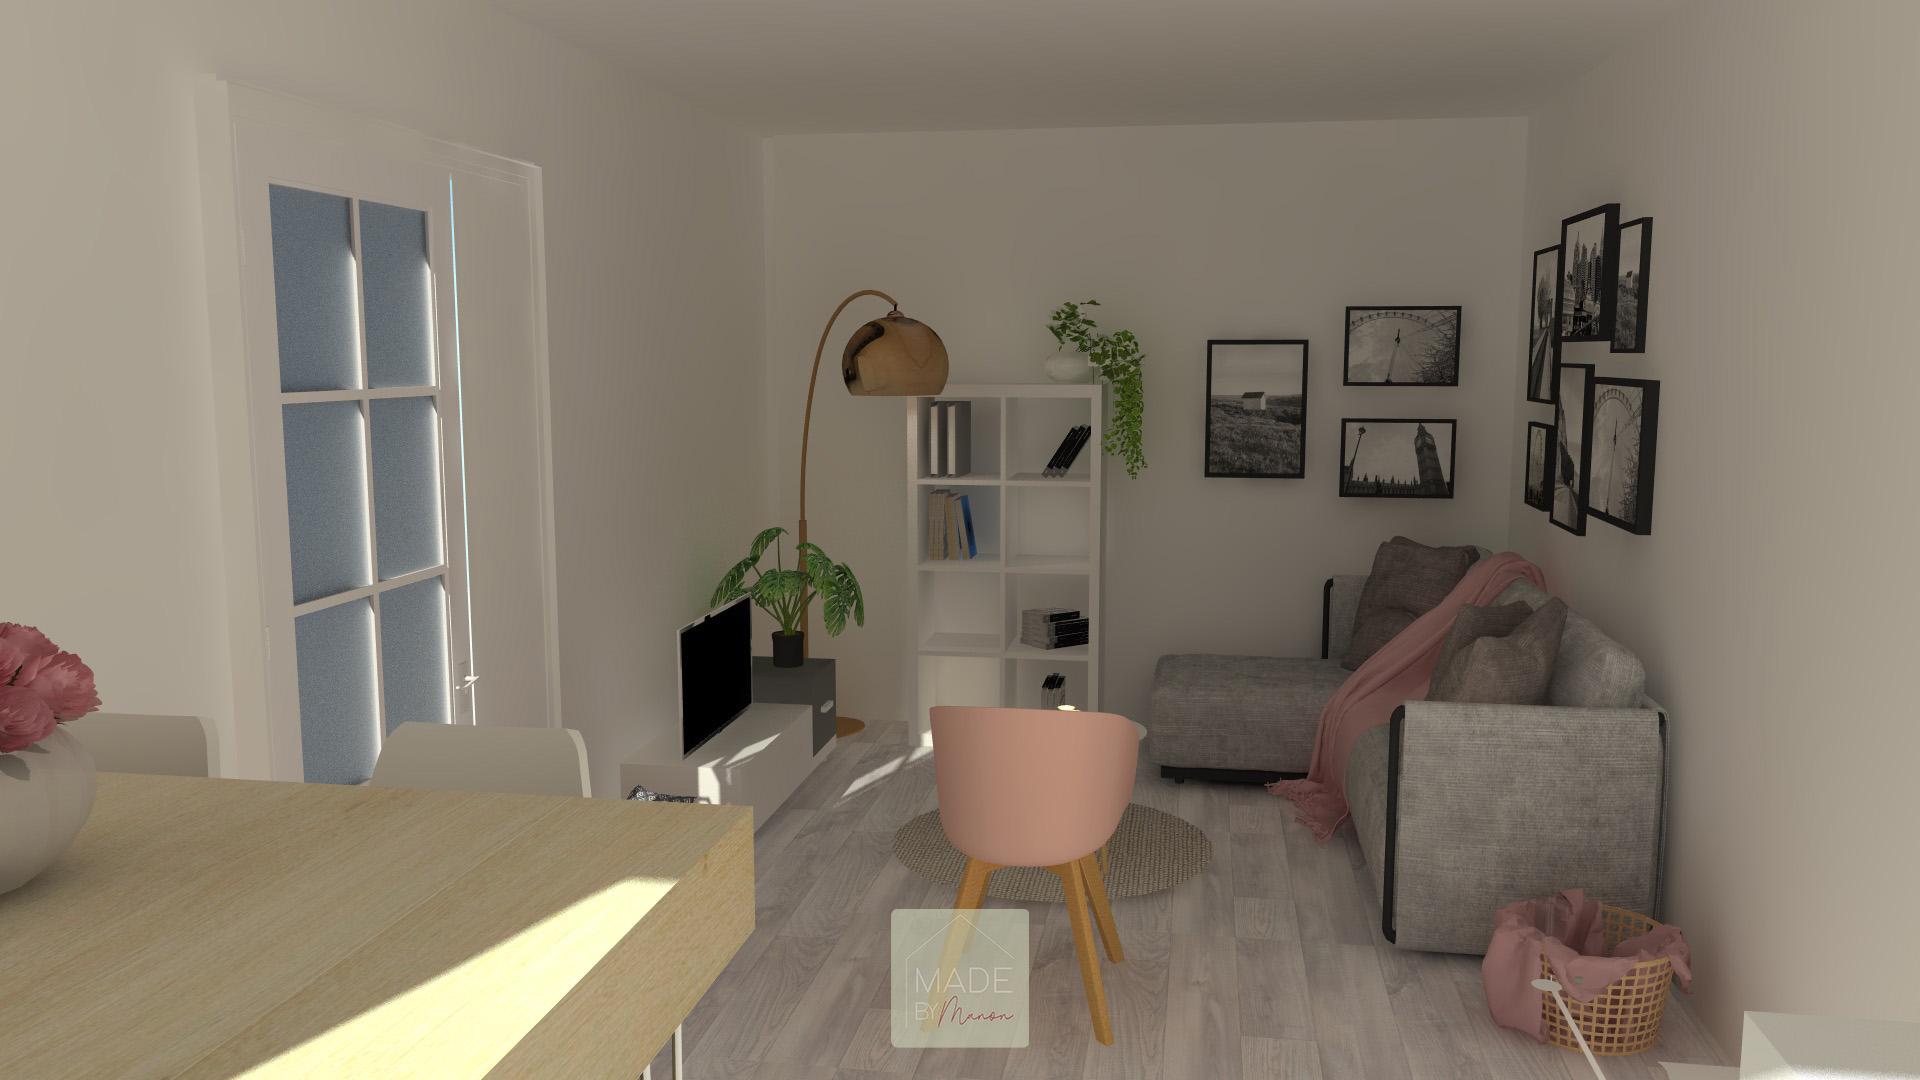 Appartement parisien avec canapé gris et décoration rose